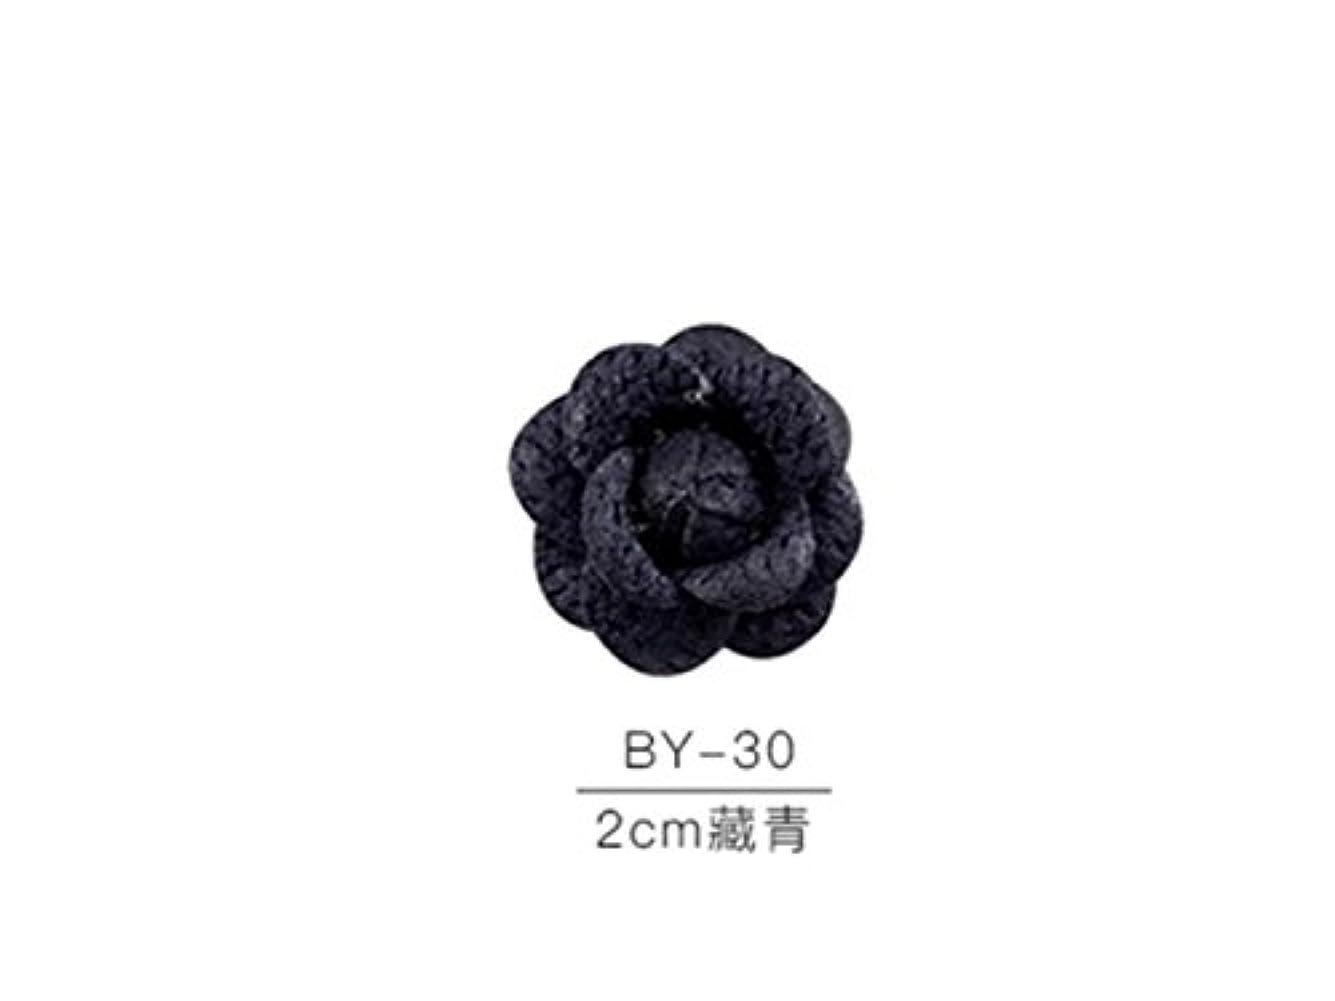 連合グラフィックスーツケースOsize カラフルネイルアート樹脂布カメリアネイルジュエリーファブリックネイルアートデコレーションネイルステッカー(ネイビー)